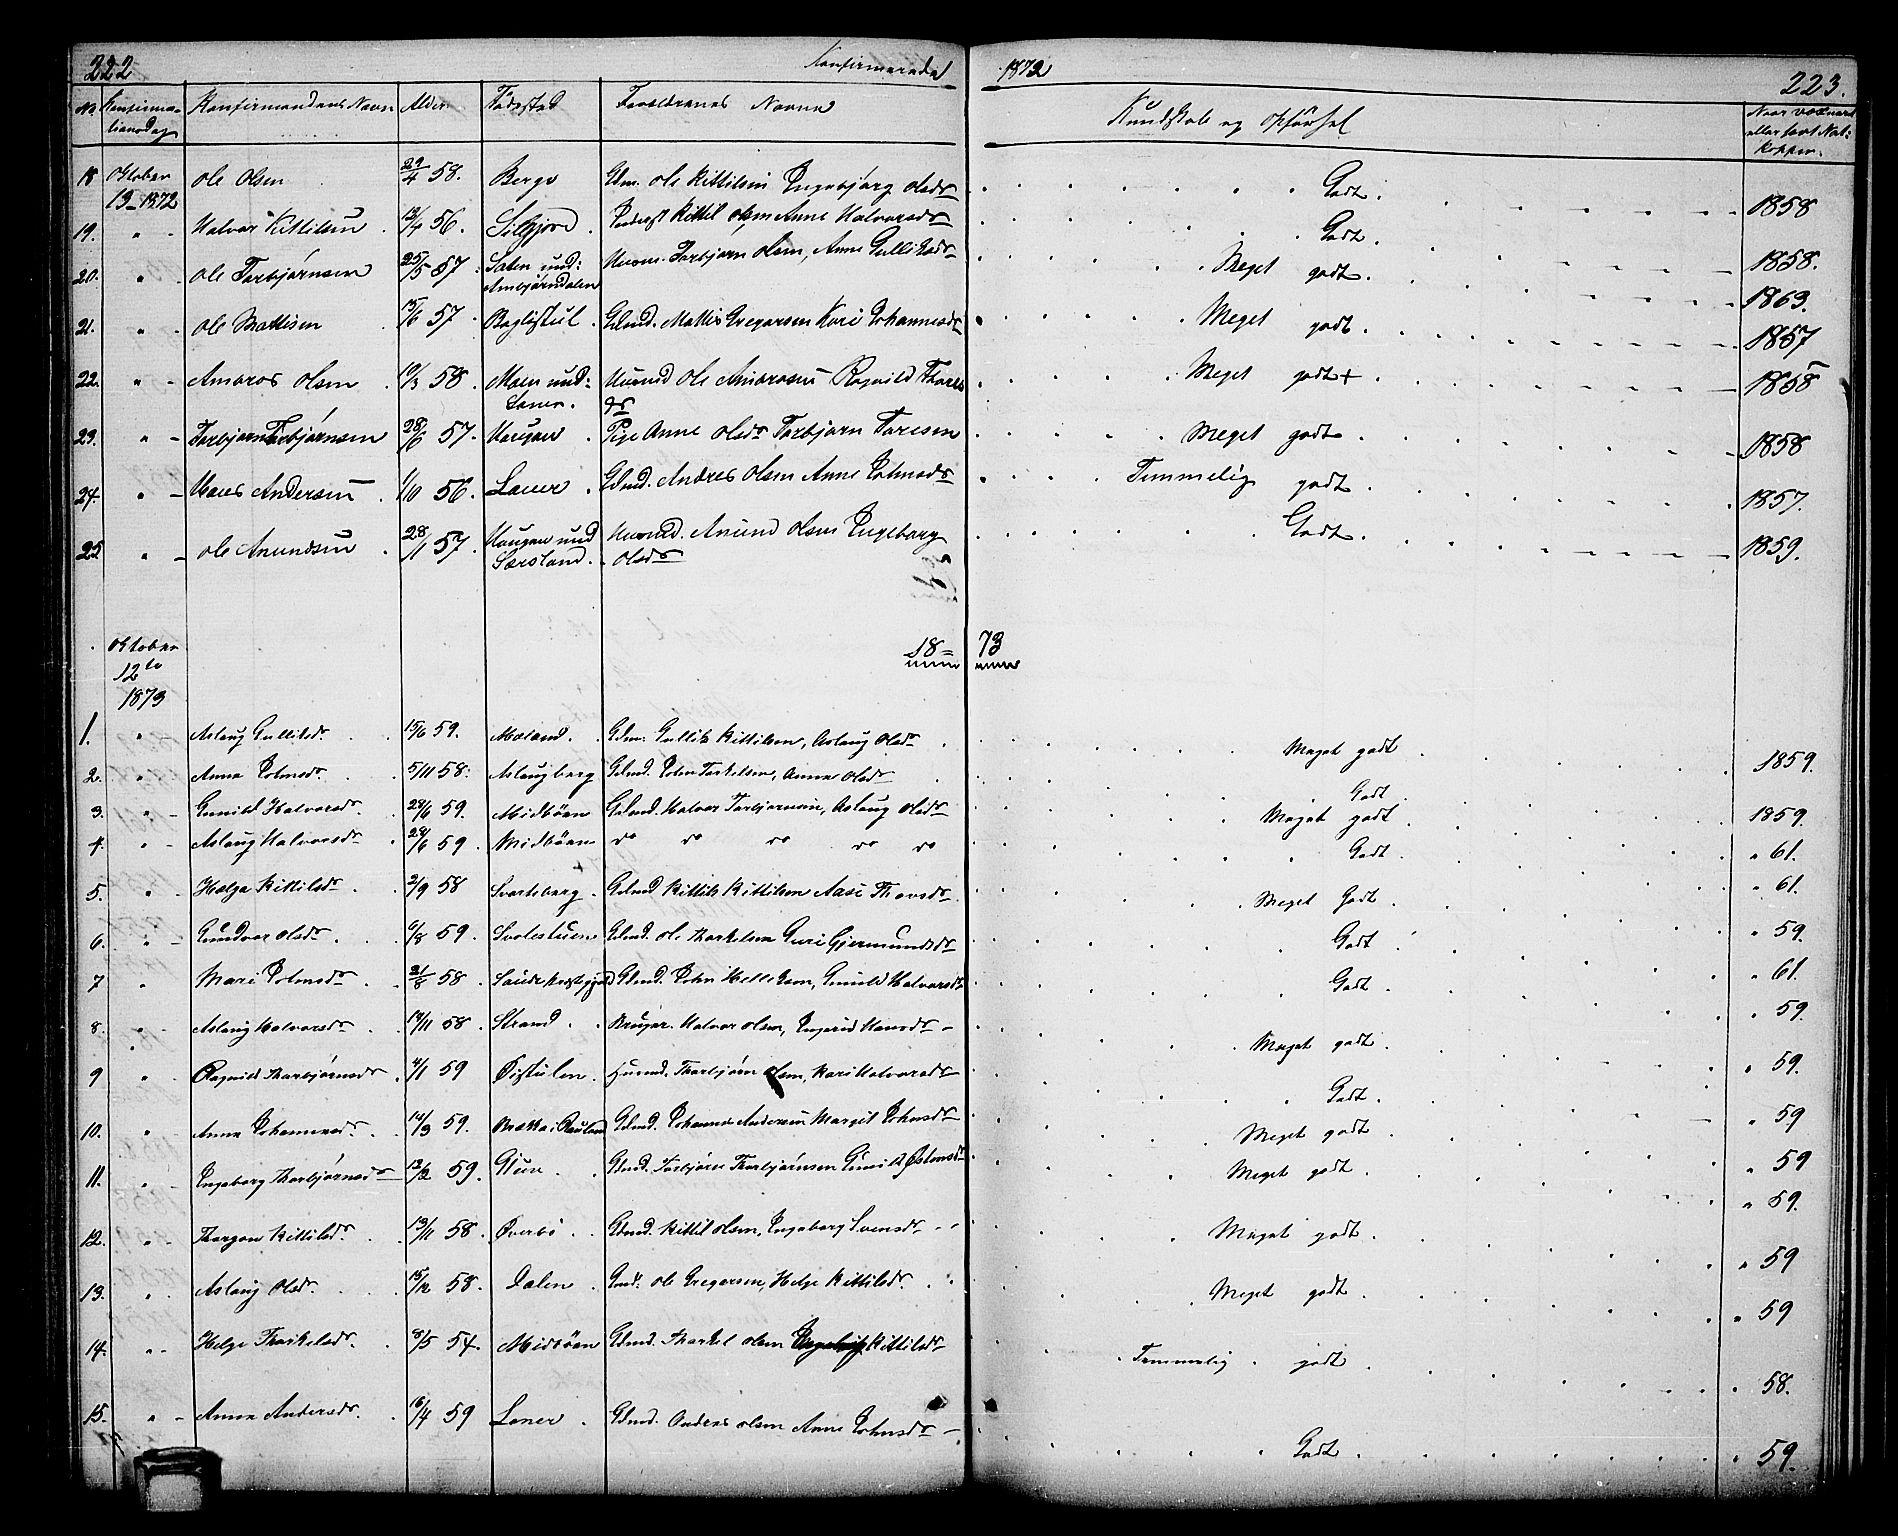 SAKO, Hjartdal kirkebøker, G/Ga/L0002: Klokkerbok nr. I 2, 1854-1888, s. 222-223